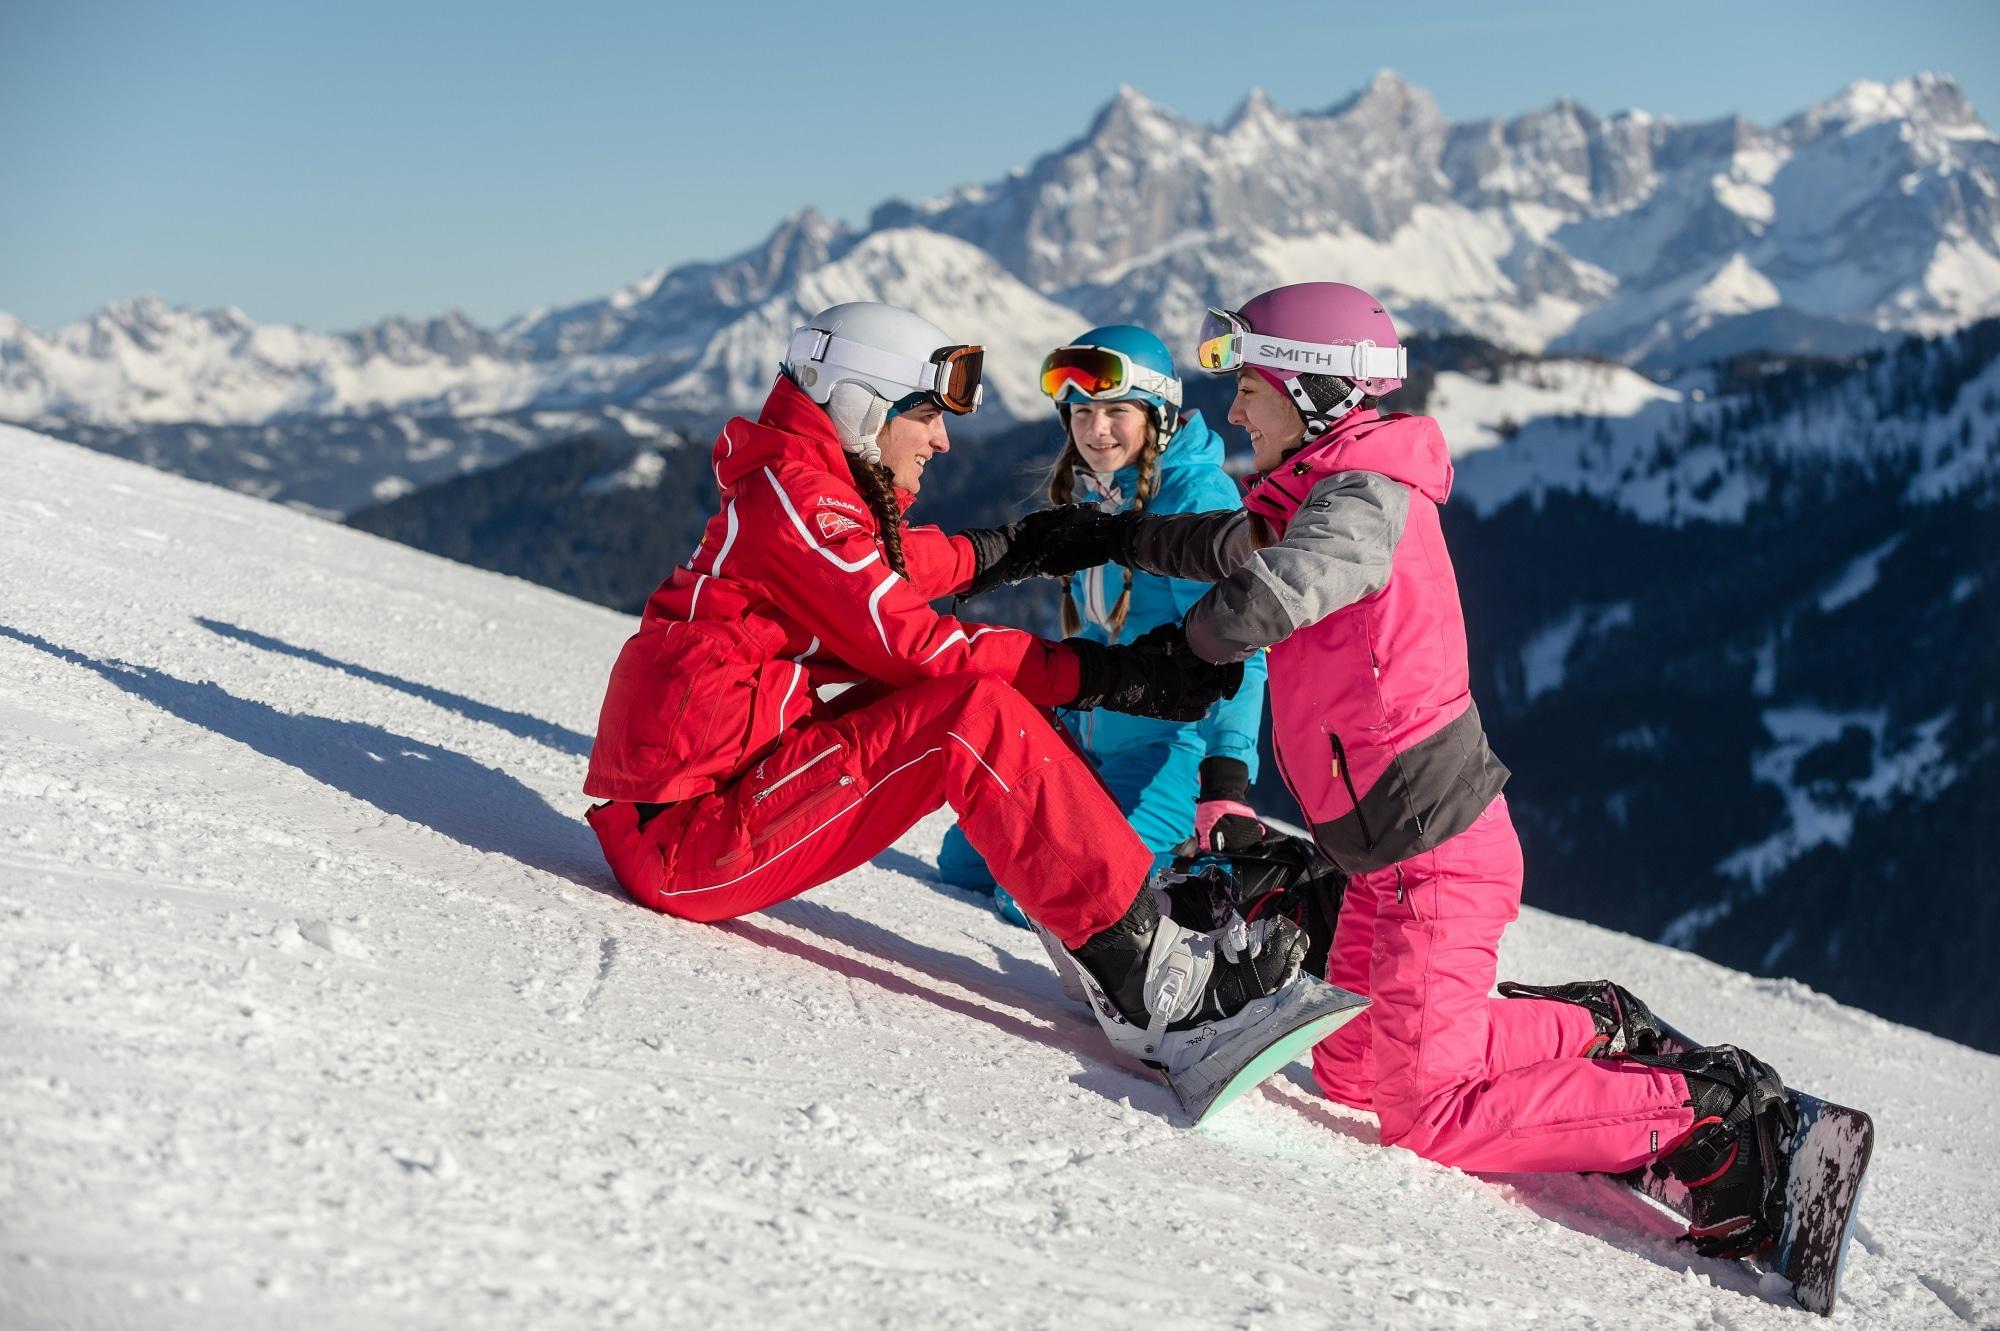 Snowboard-Kurs in Zauchensee